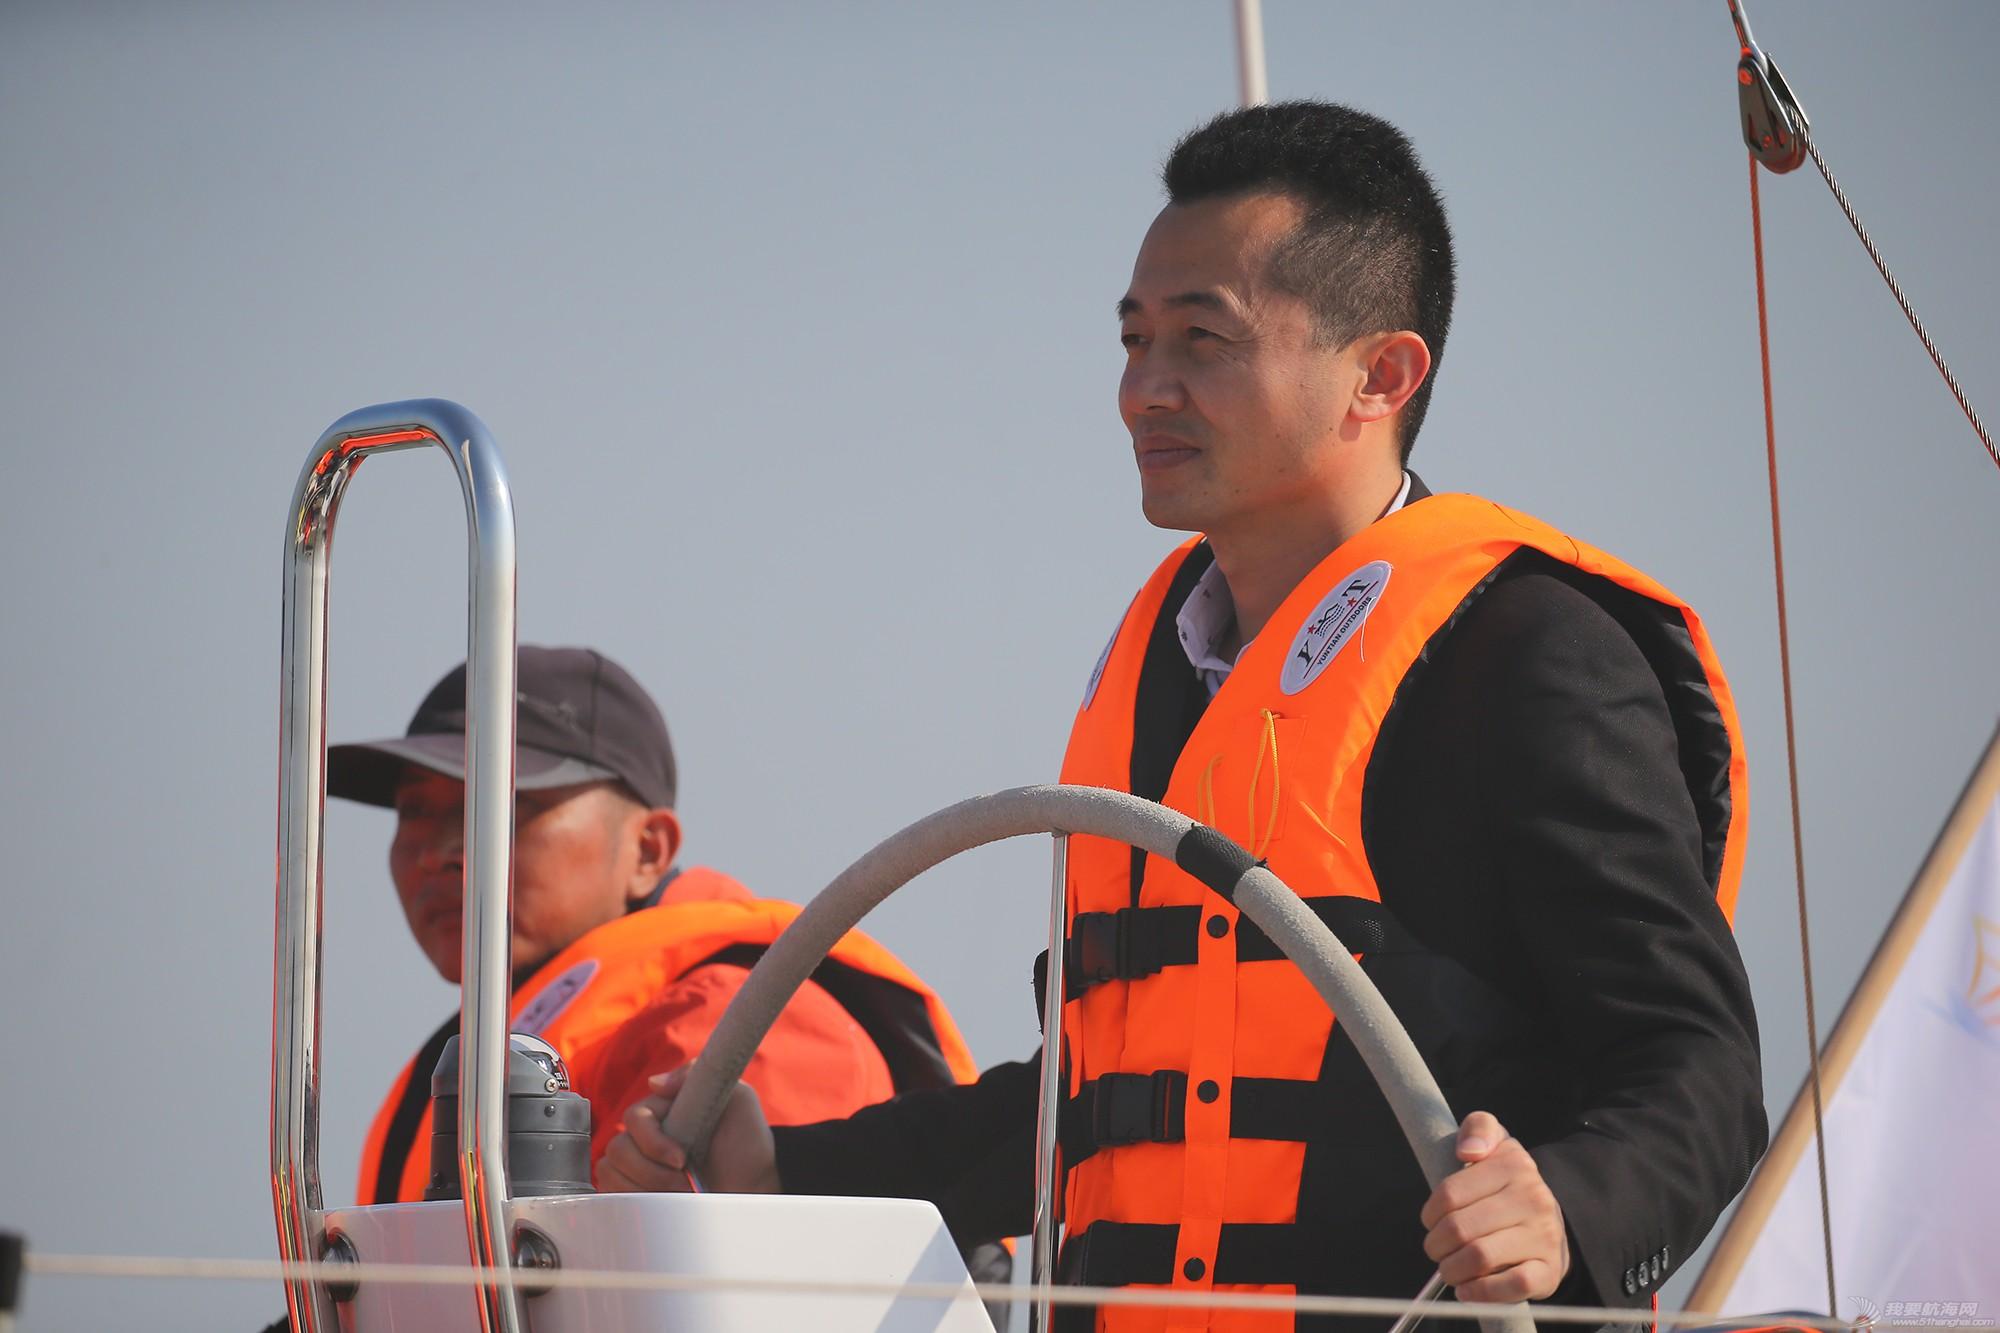 """拉力赛,帆船,太湖 2016""""菱湖湾杯""""环太湖帆船拉力赛参赛船队、船员风采 E78W0721.JPG"""